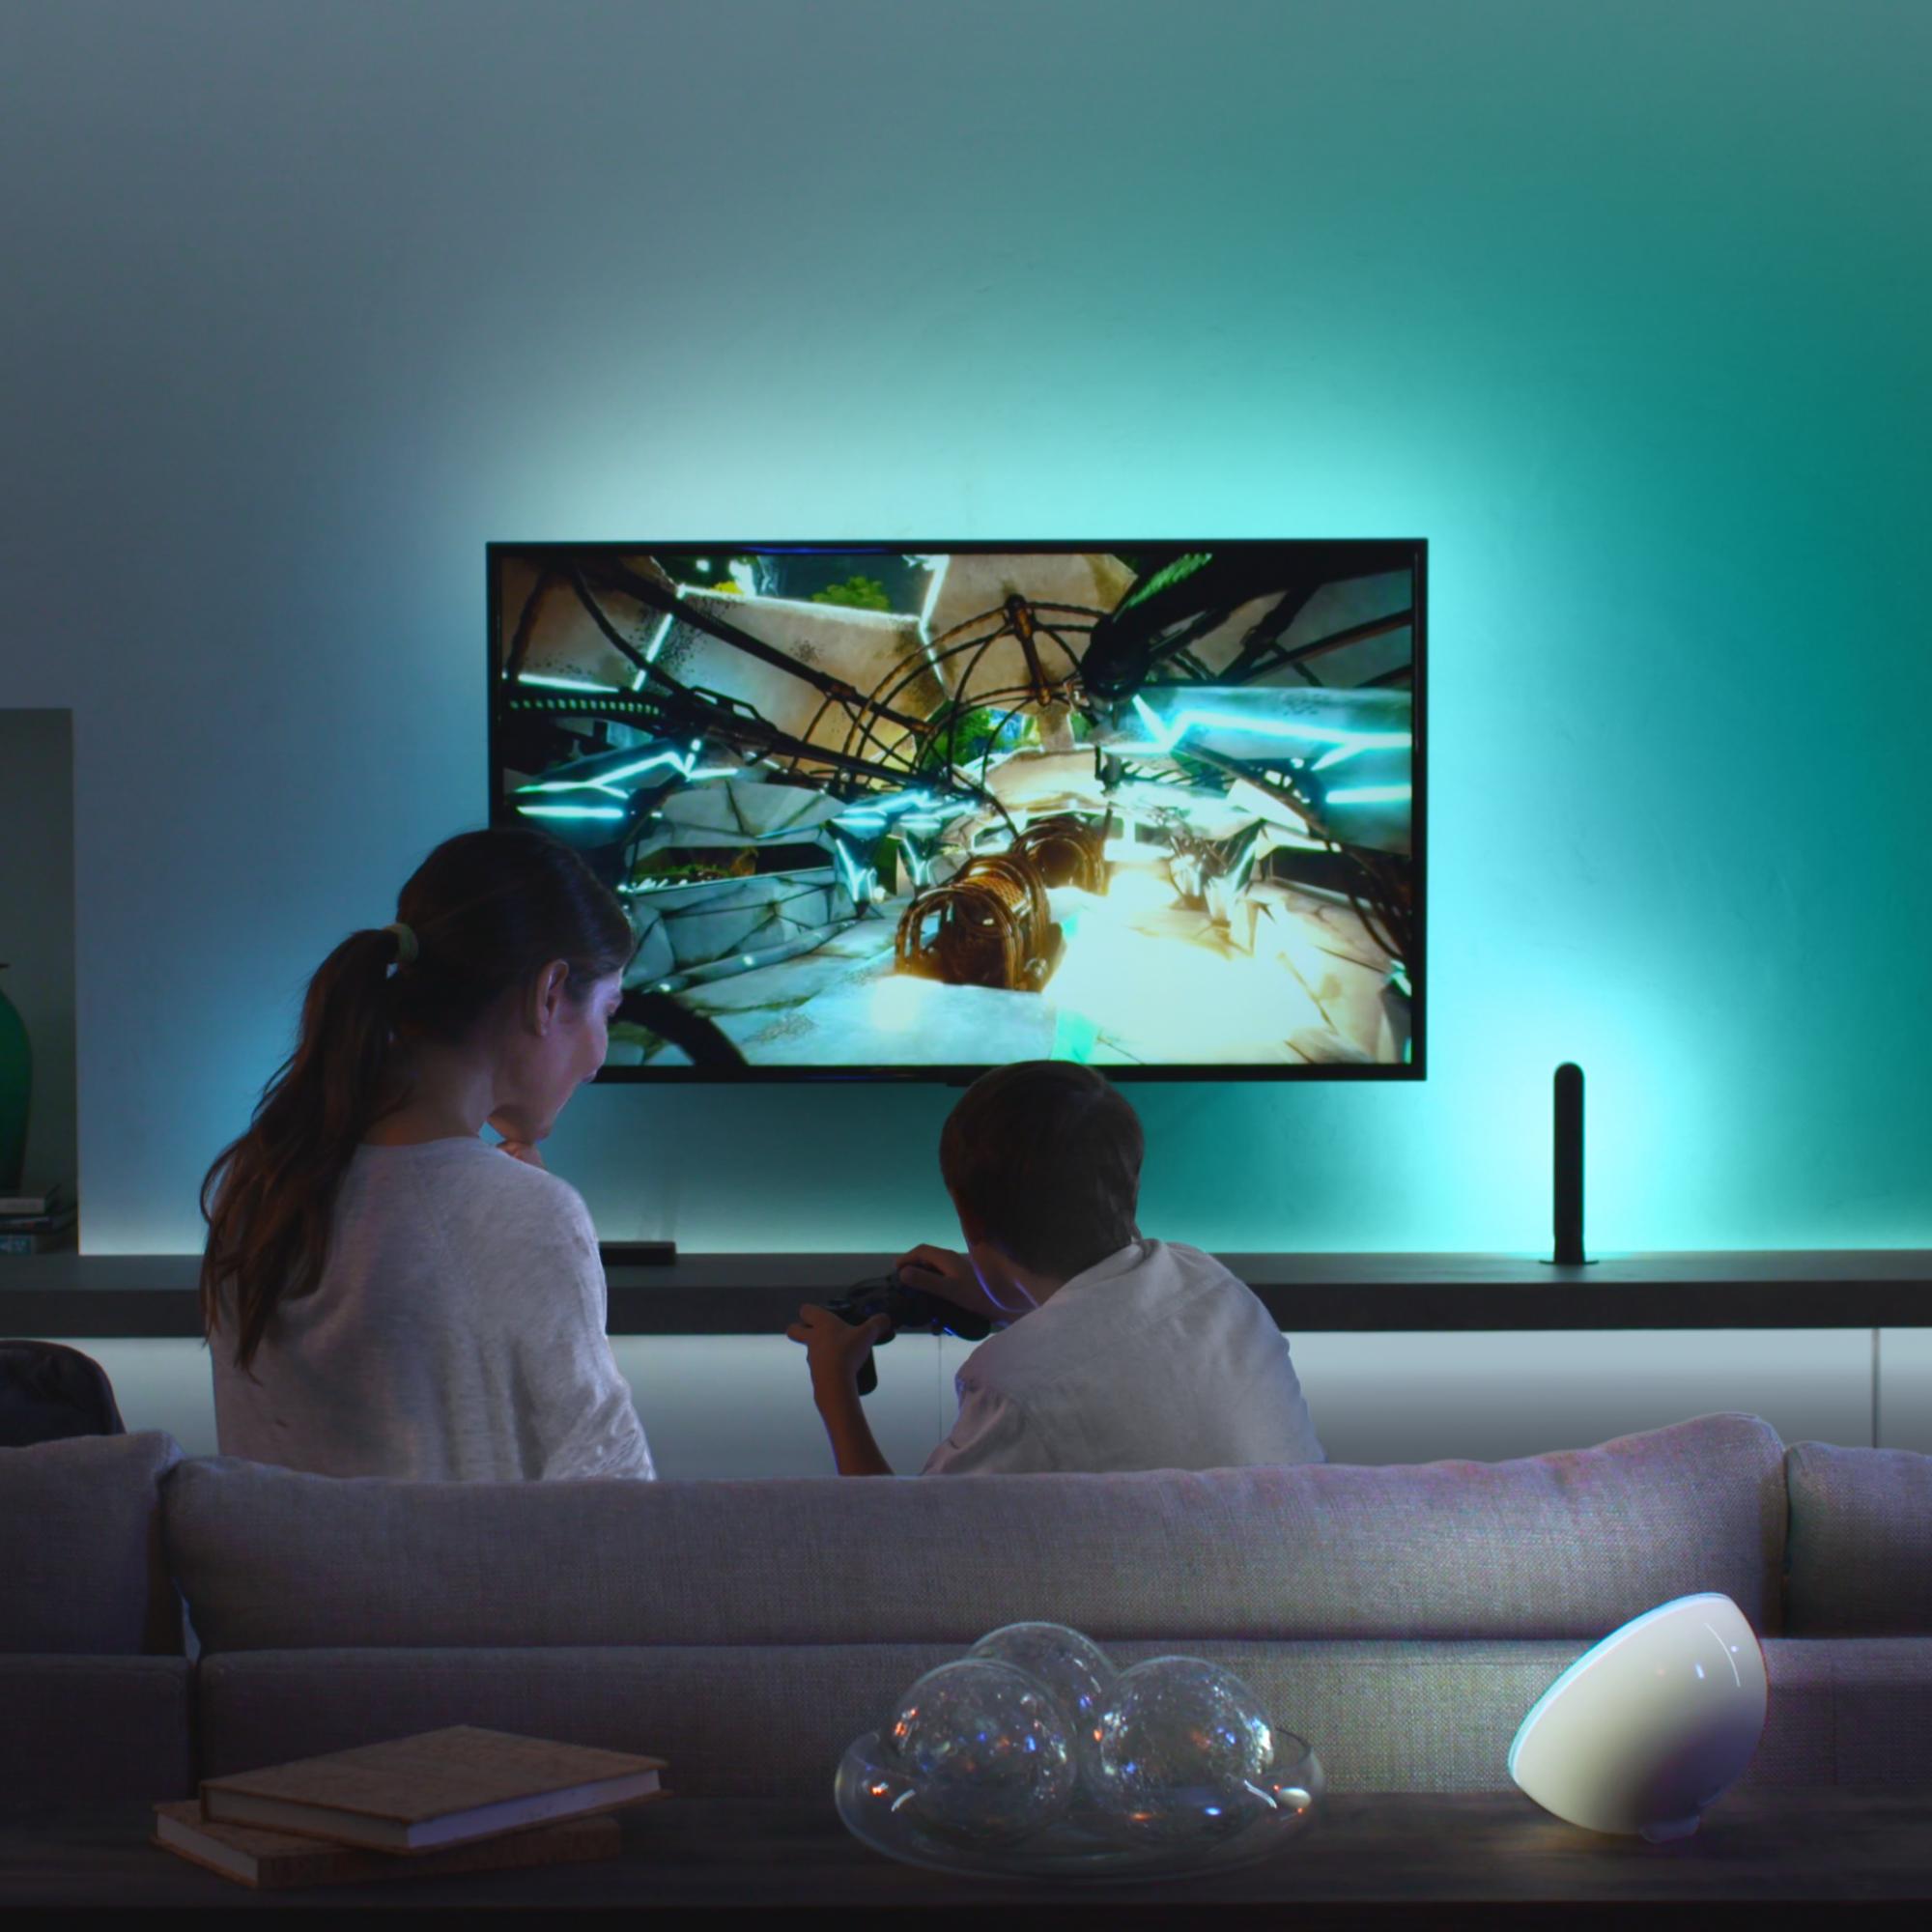 Philips Hue presenta novedades funcionales, decorativas y para ocio